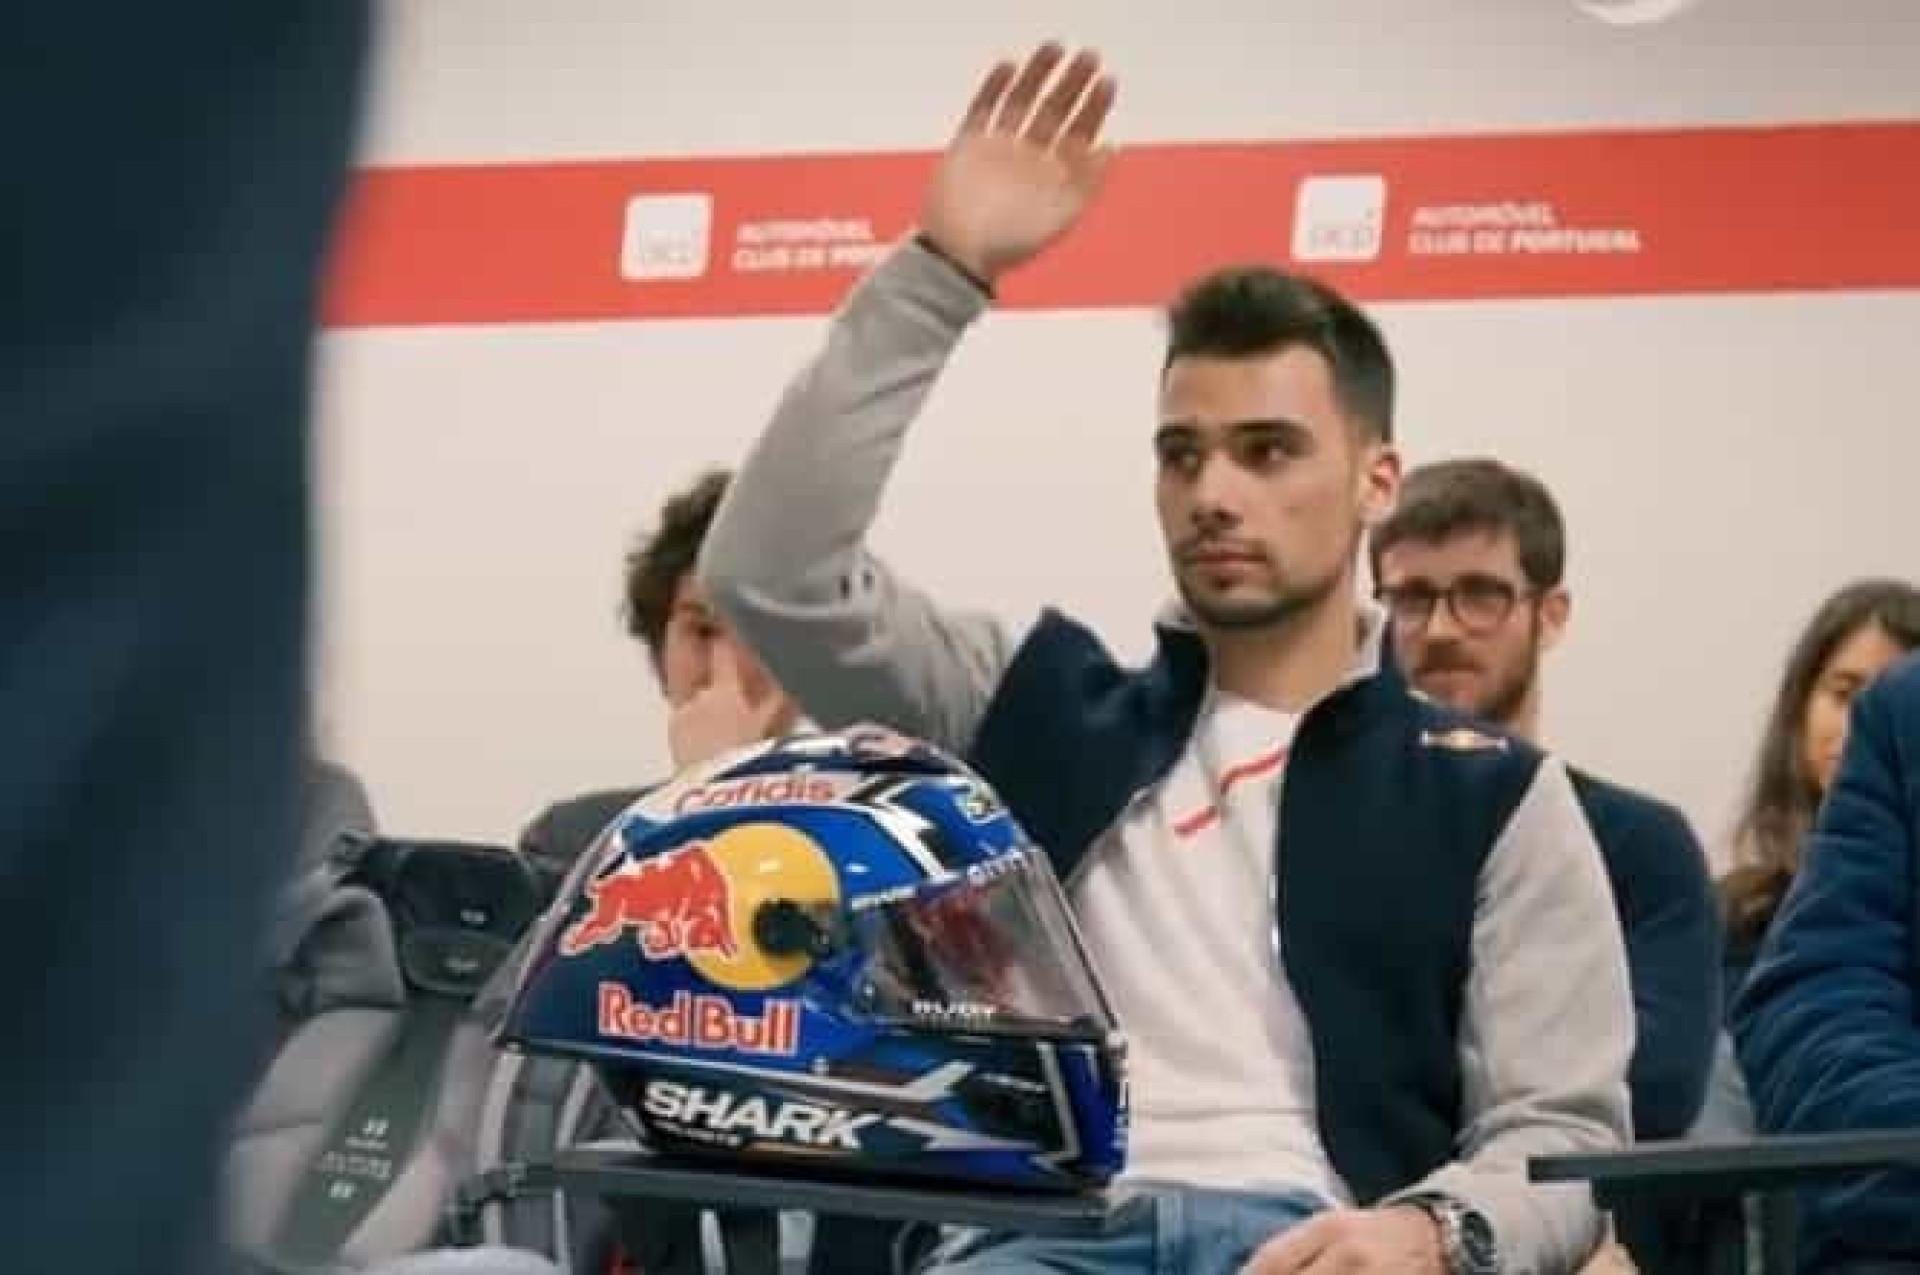 Ver para crer: Miguel Oliveira em Portugal para tirar a carta... de moto